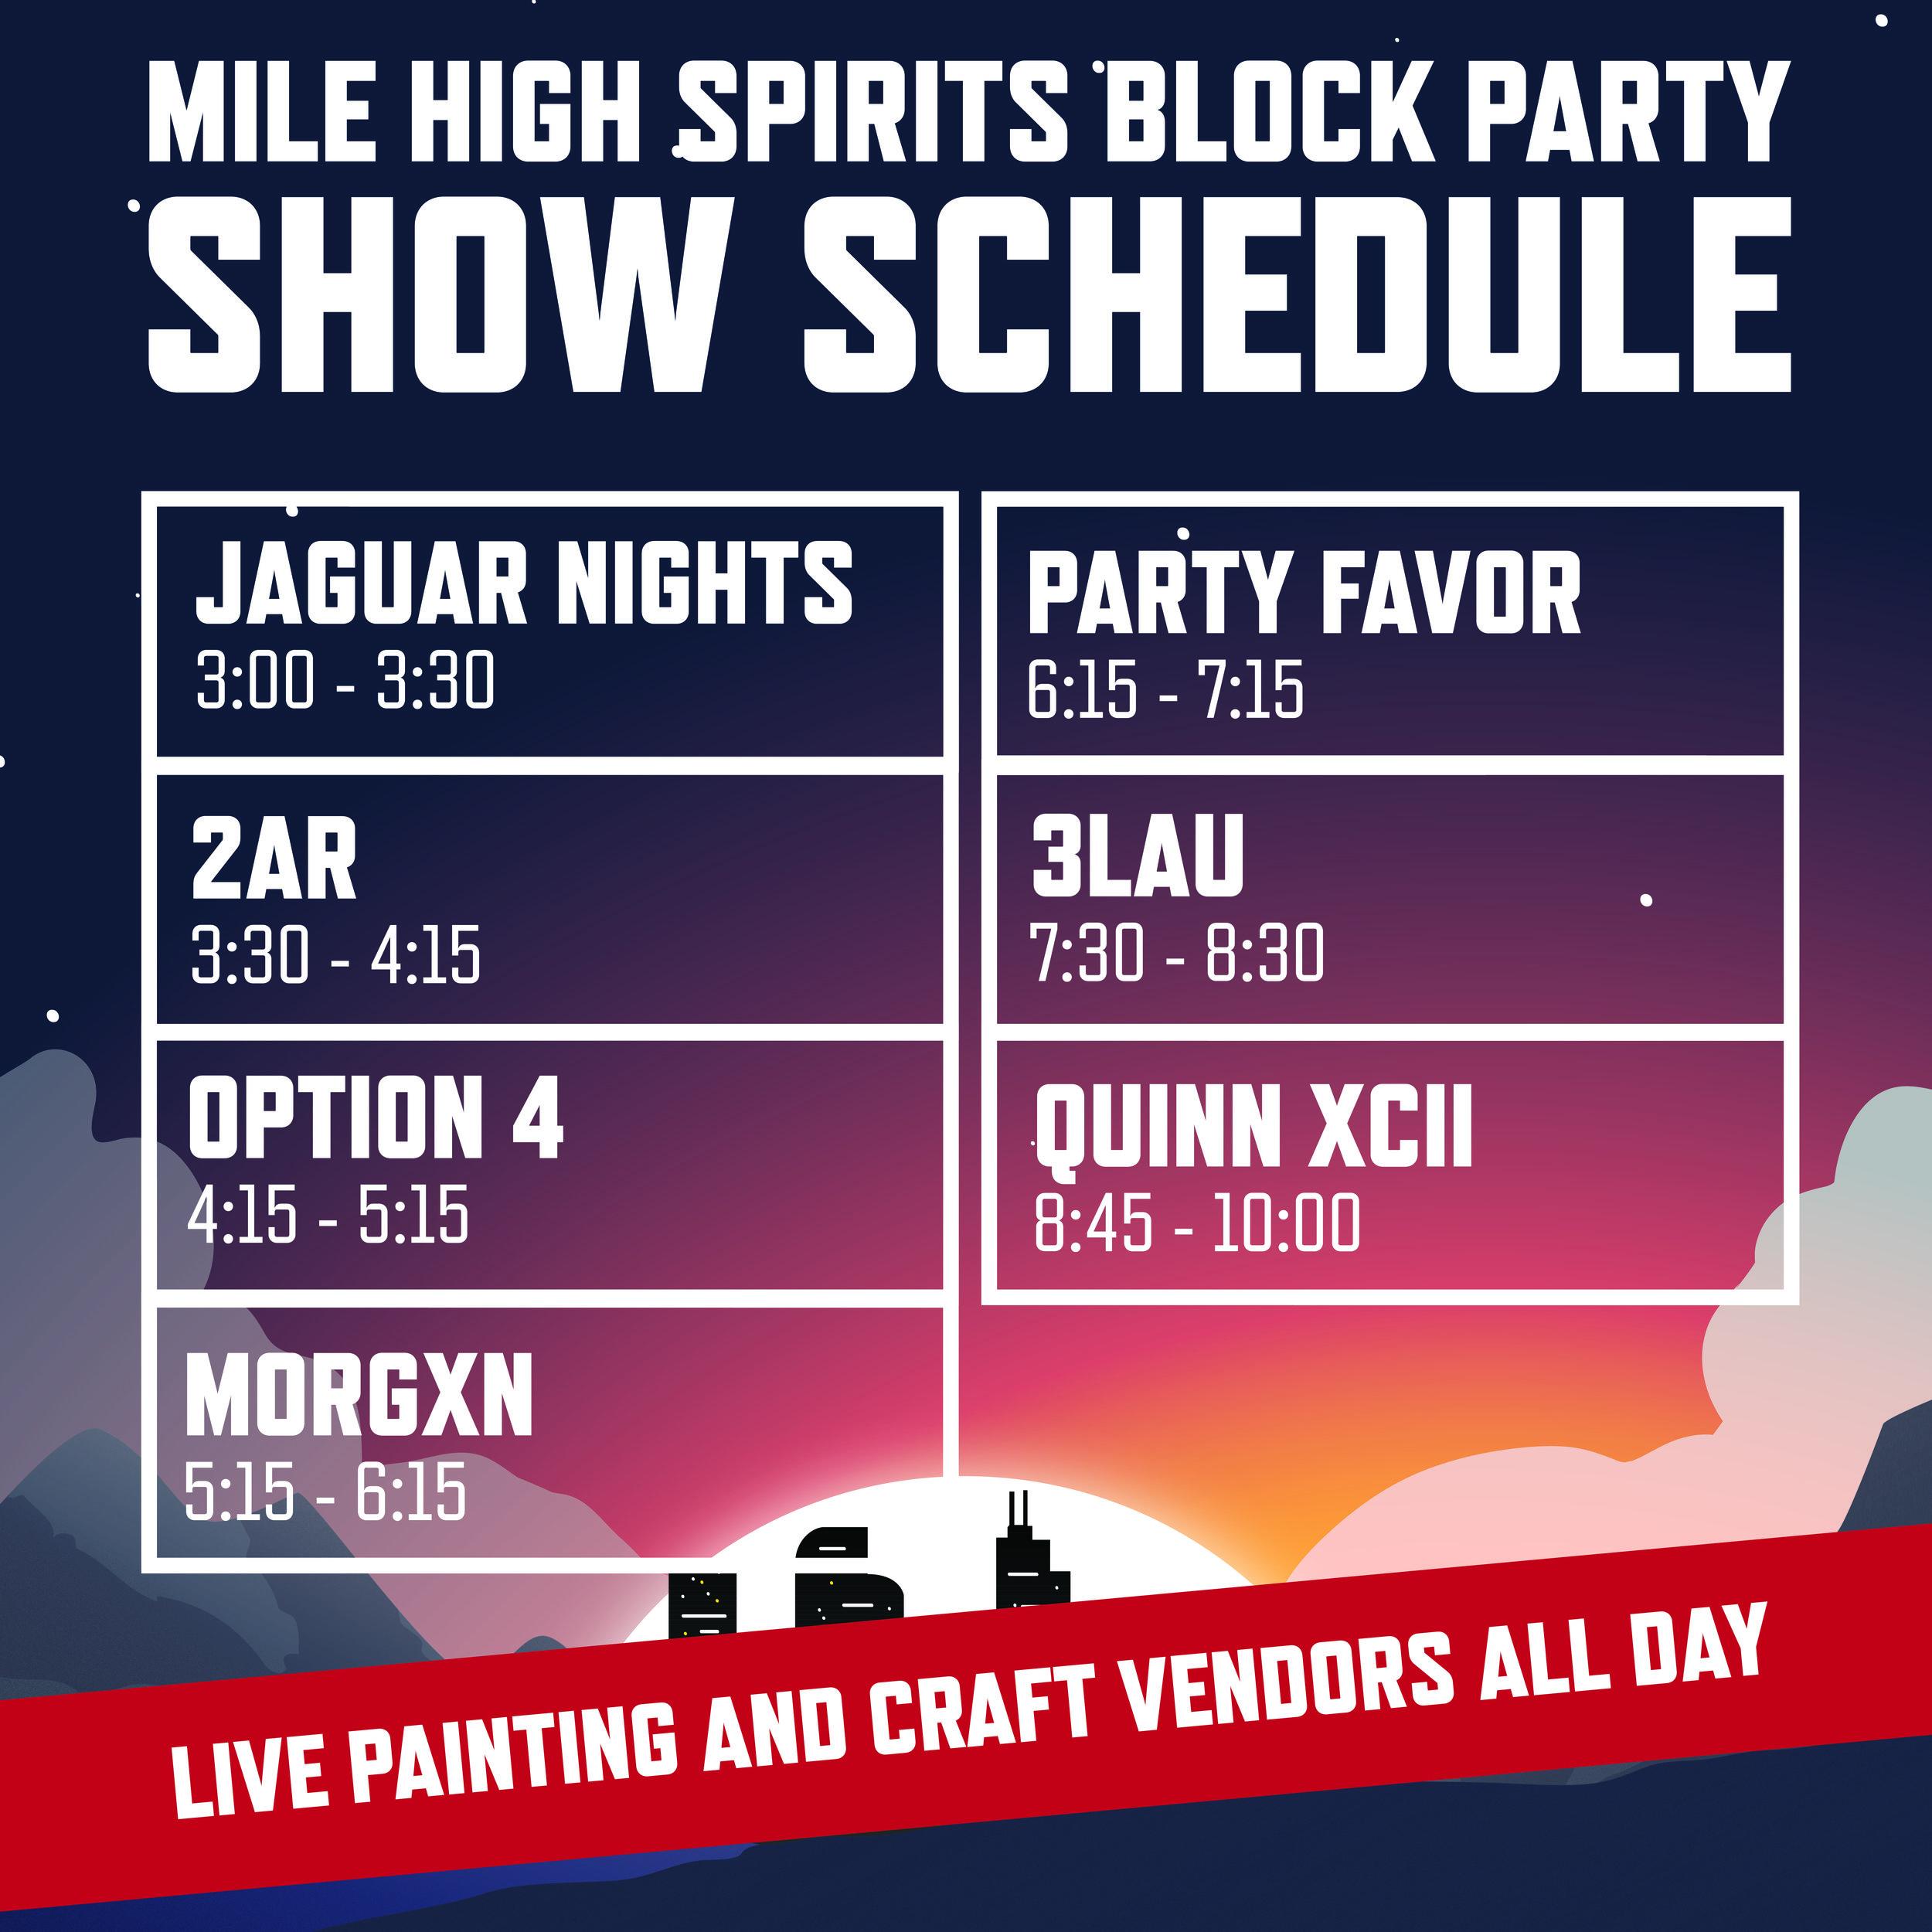 MHSBP Show Schedule Social Media.jpg